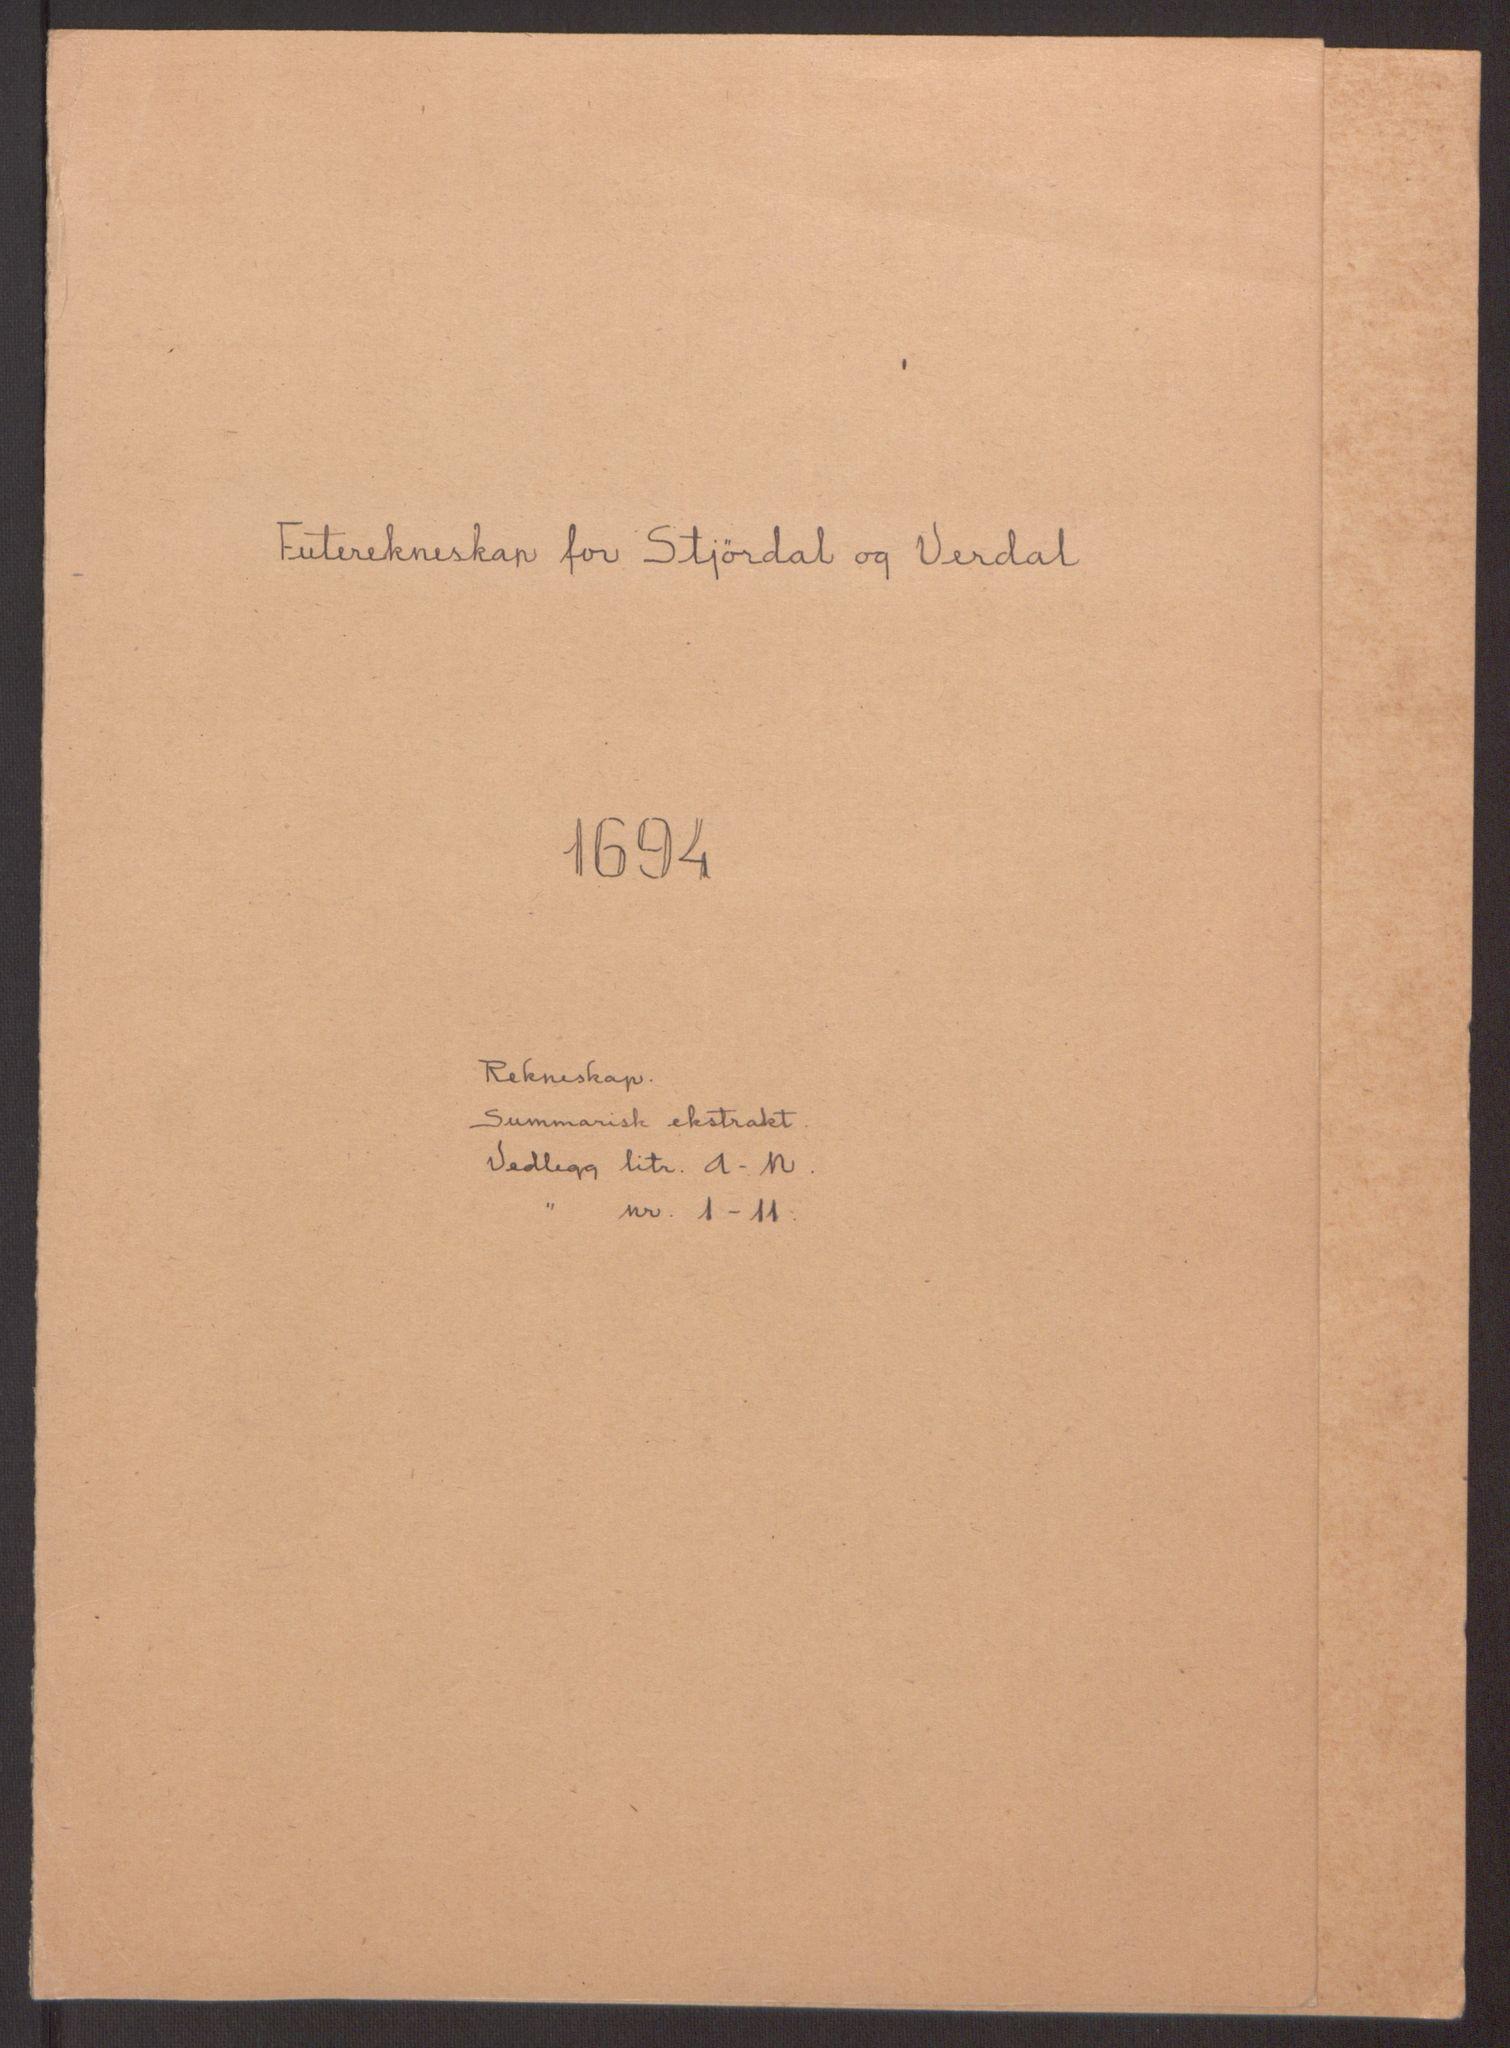 RA, Rentekammeret inntil 1814, Reviderte regnskaper, Fogderegnskap, R62/L4186: Fogderegnskap Stjørdal og Verdal, 1693-1694, s. 139